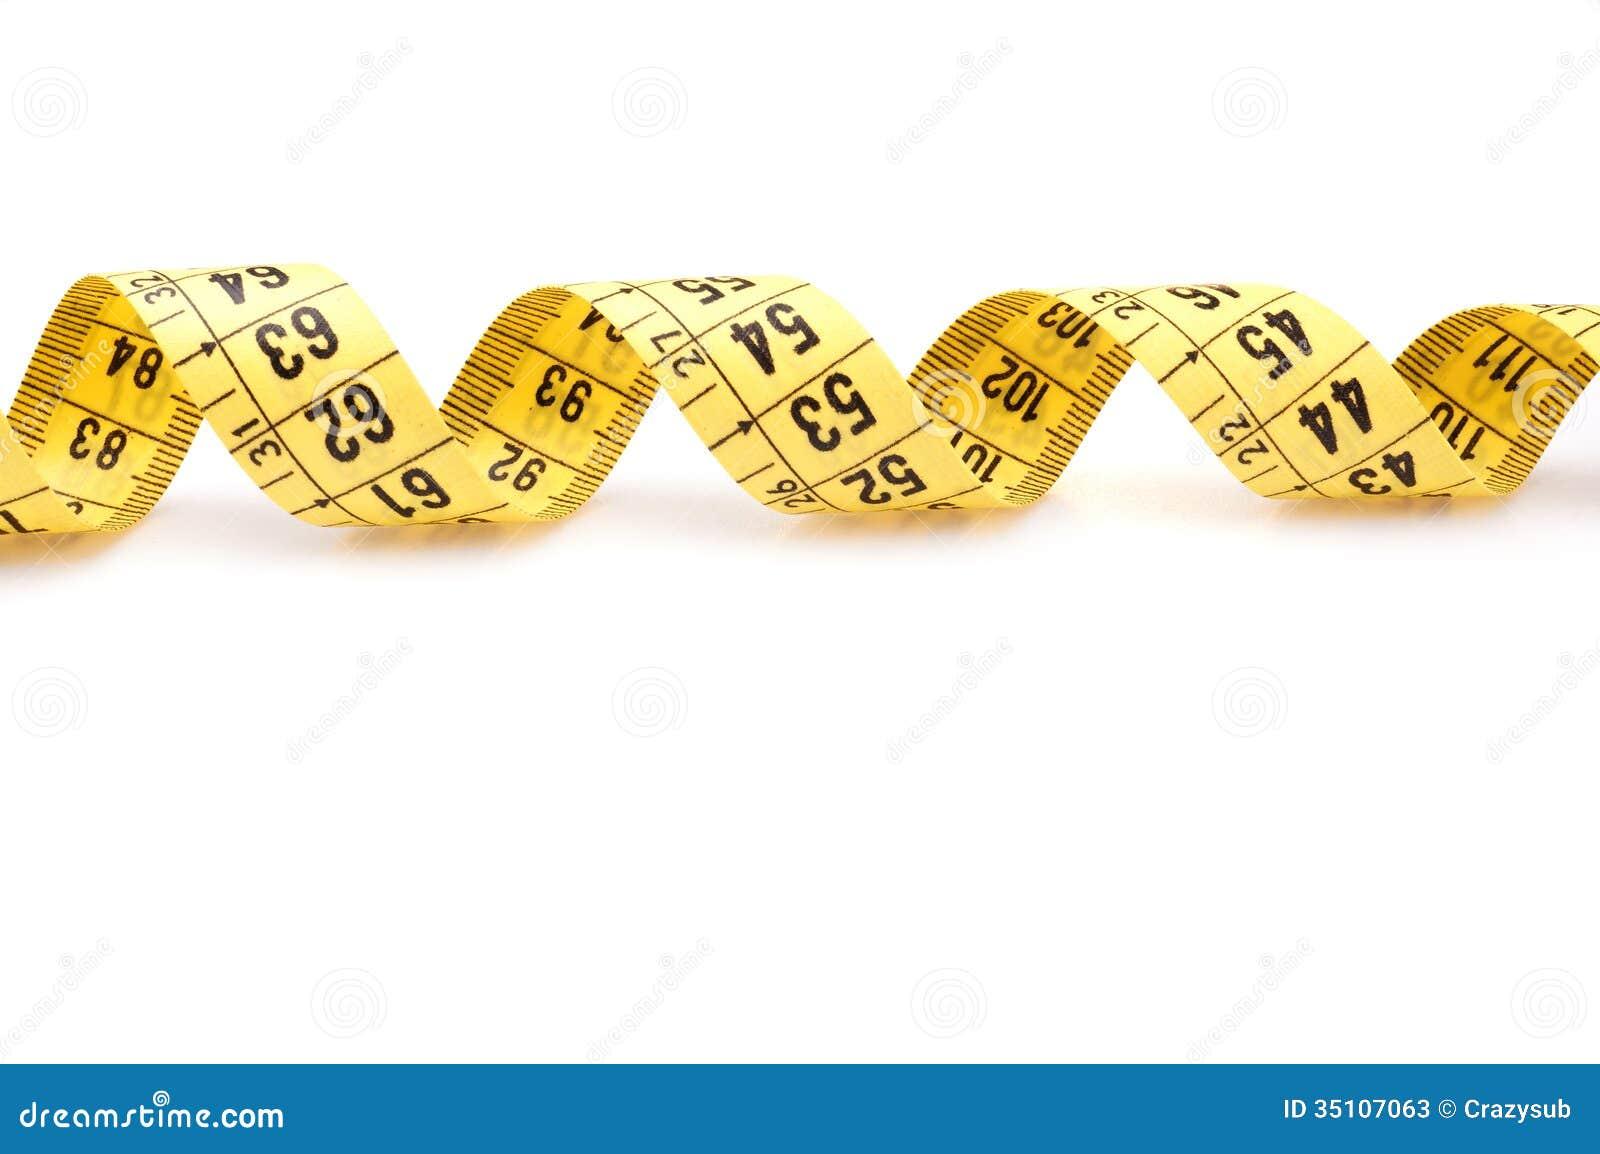 Tape Measure Stock Photos - Image: 35107063